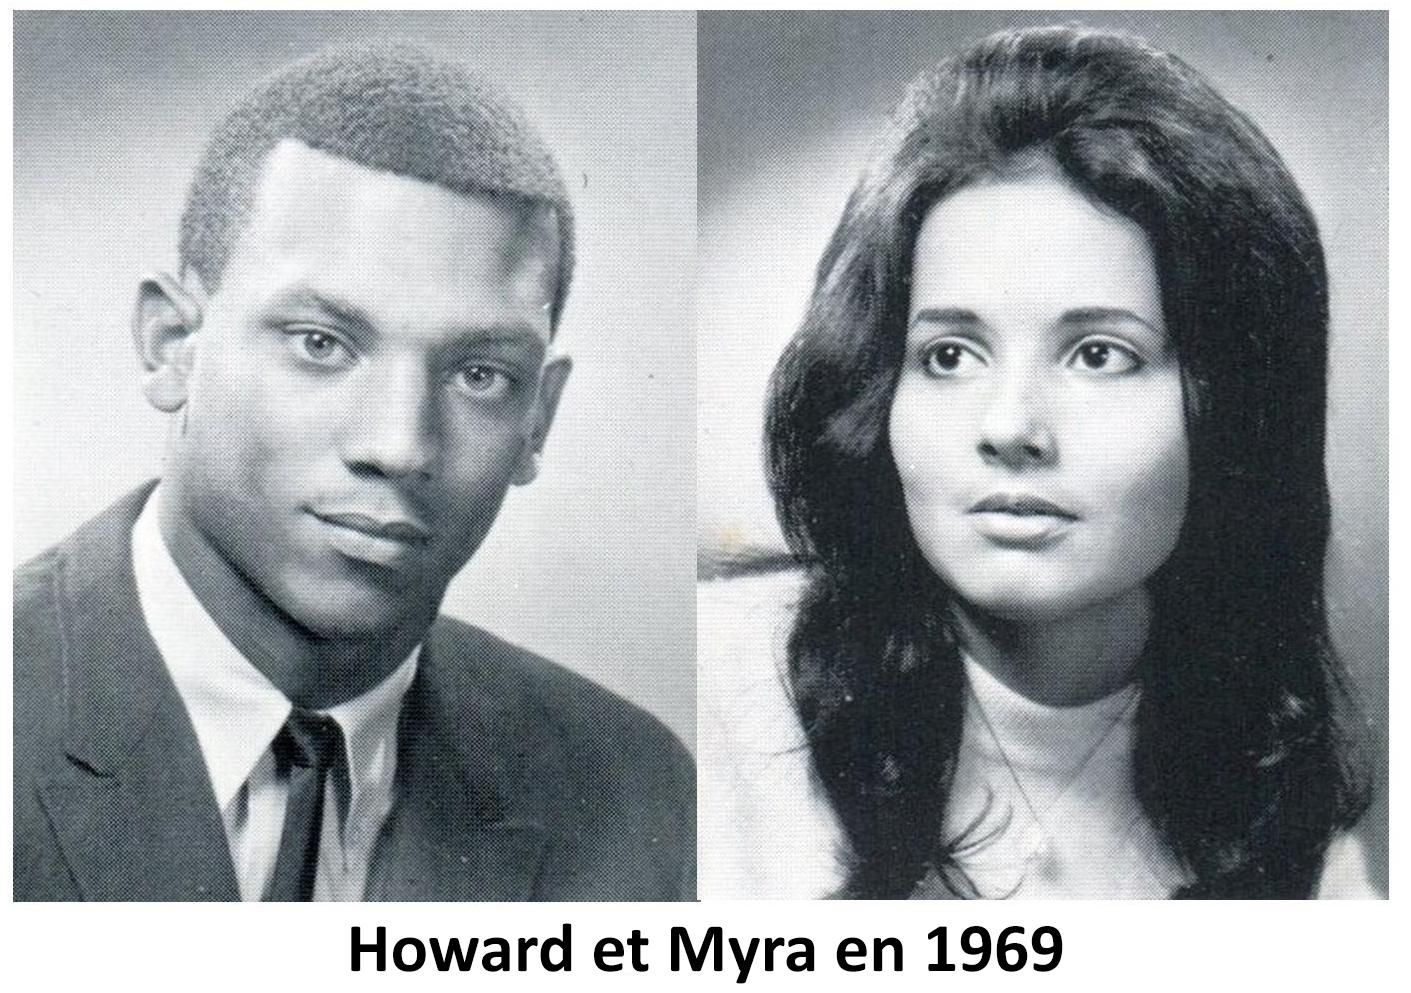 Un couple contraint de se séparer à cause du racisme, se retrouve après 45 ans de séparation